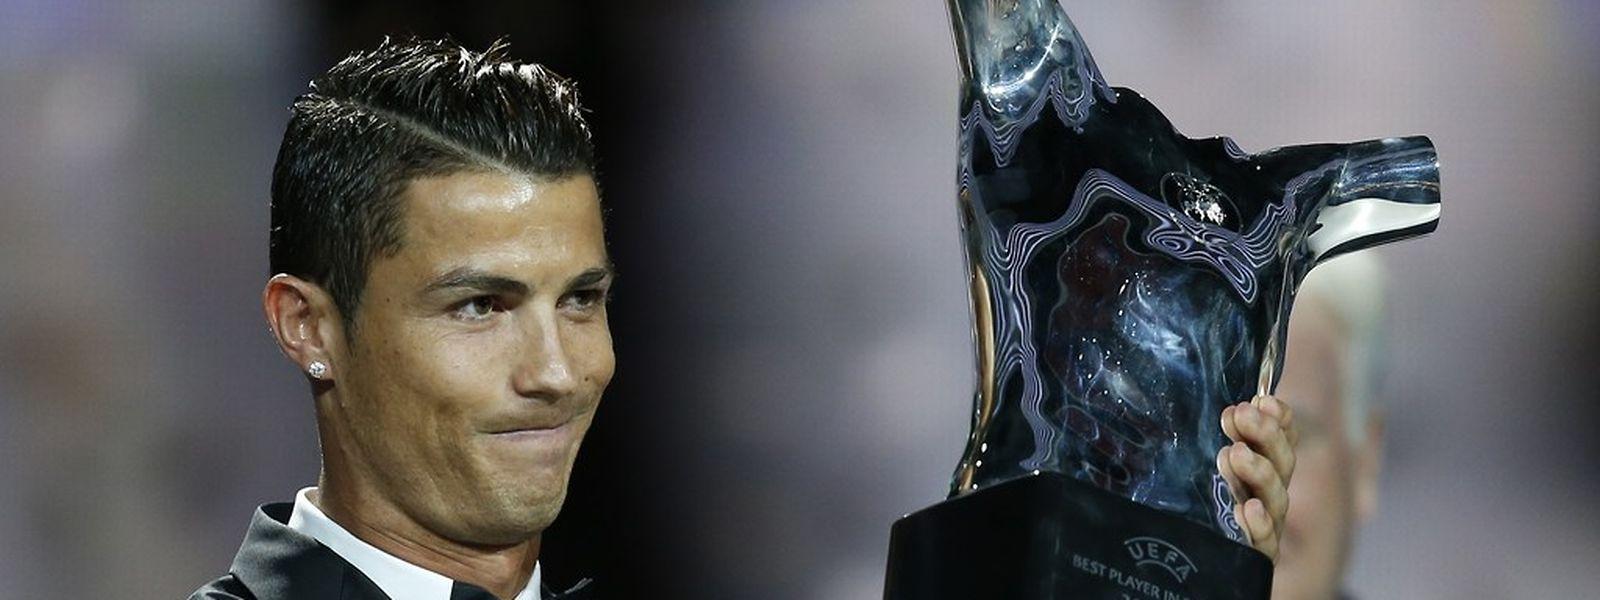 """Les 17 buts inscrits par Cristiano Ronaldo pour la conquête de la""""Decima"""" ont fait pencher la balance en faveur de la super star portugaise."""